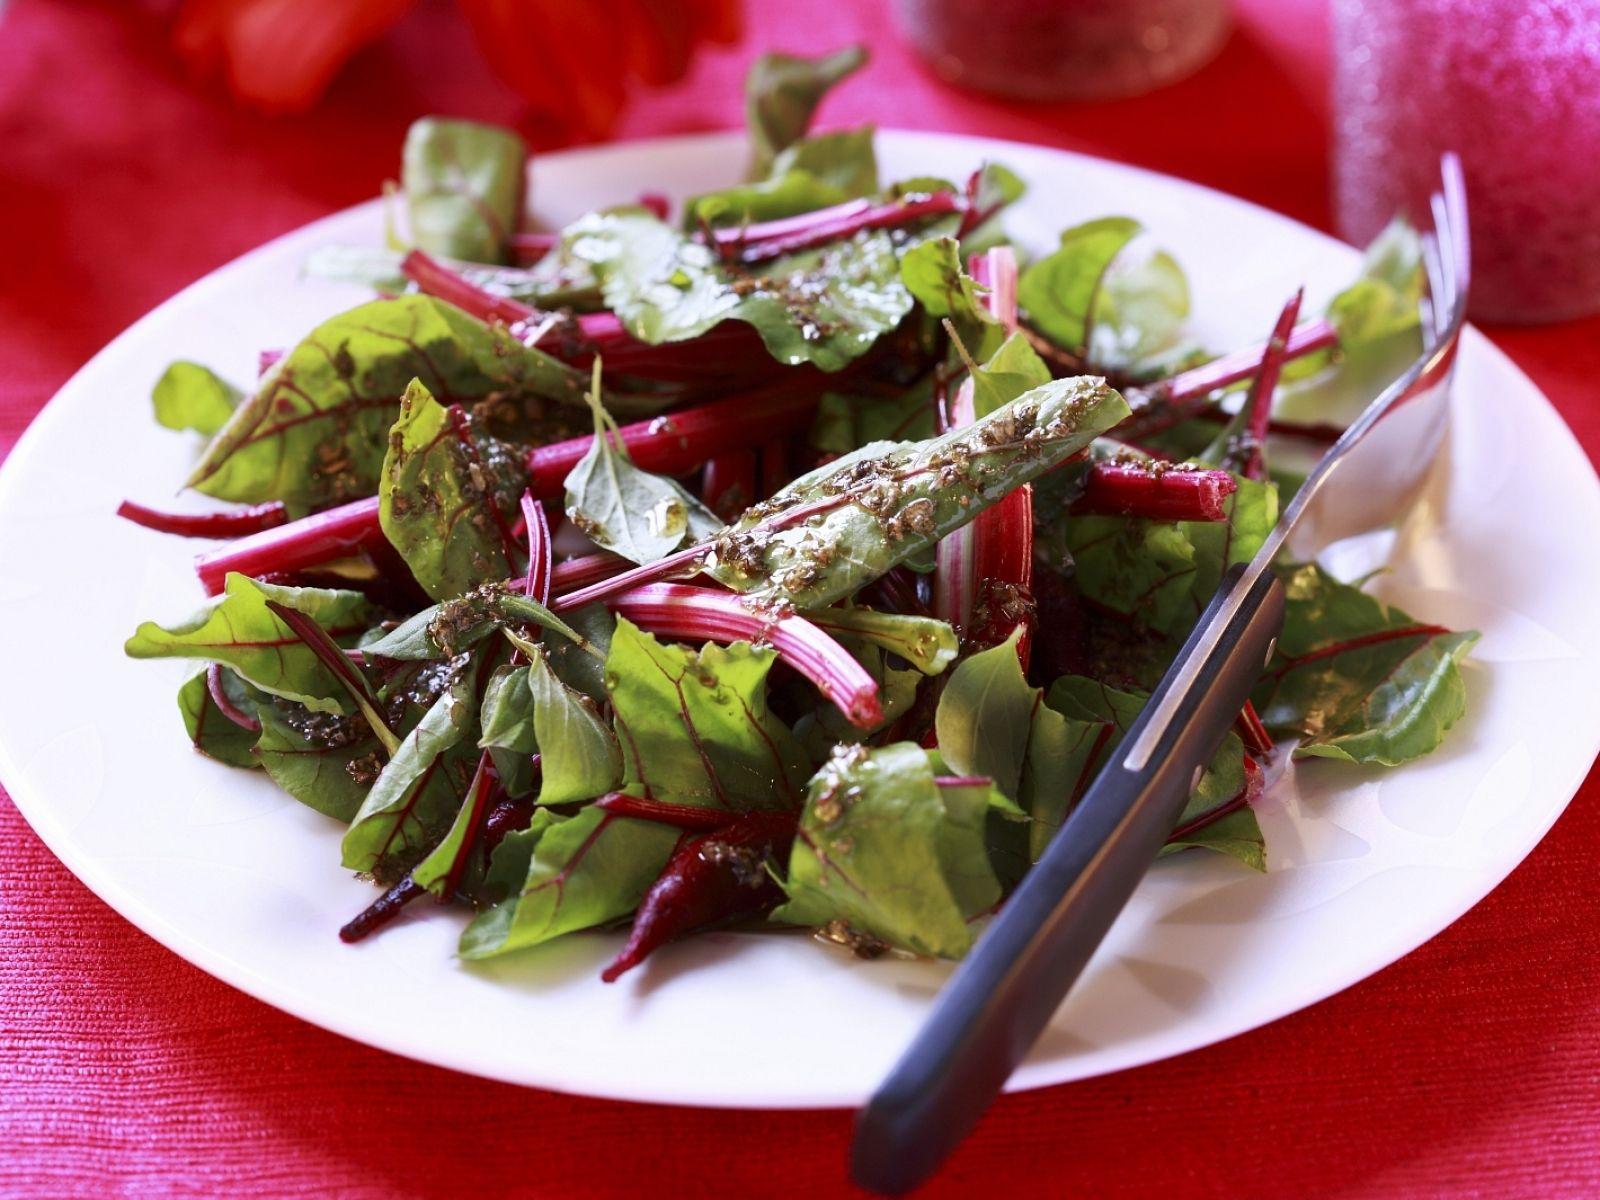 rote beete blätter essen